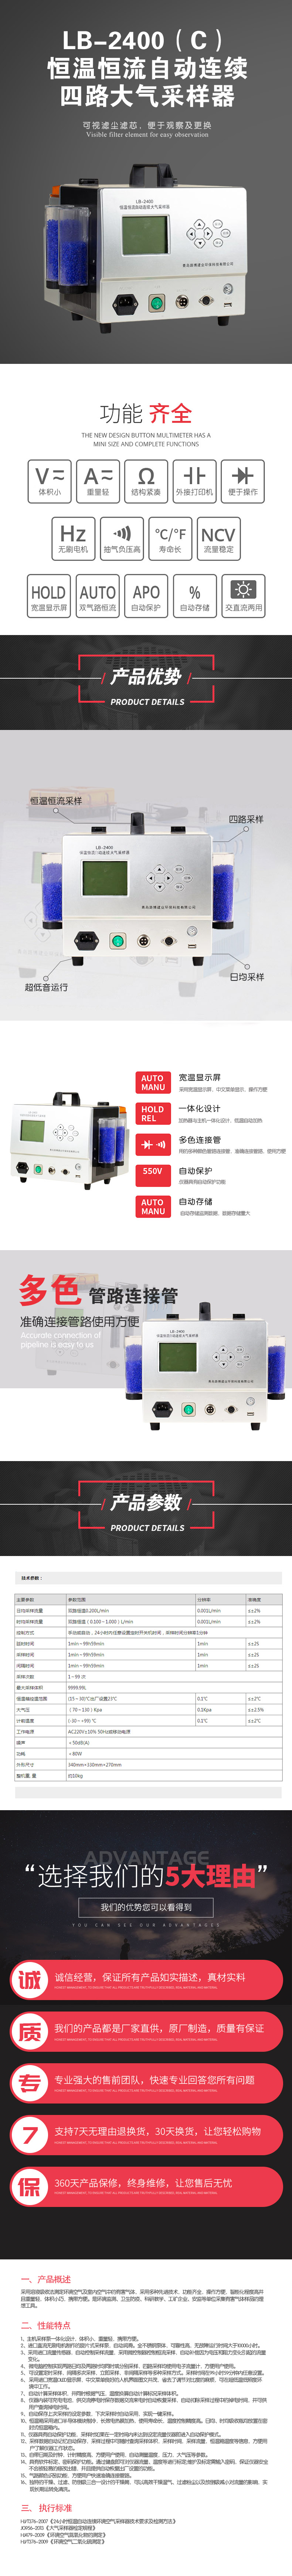 LB-2400(C)恒温恒流自动连续四路大气采样器.jpg